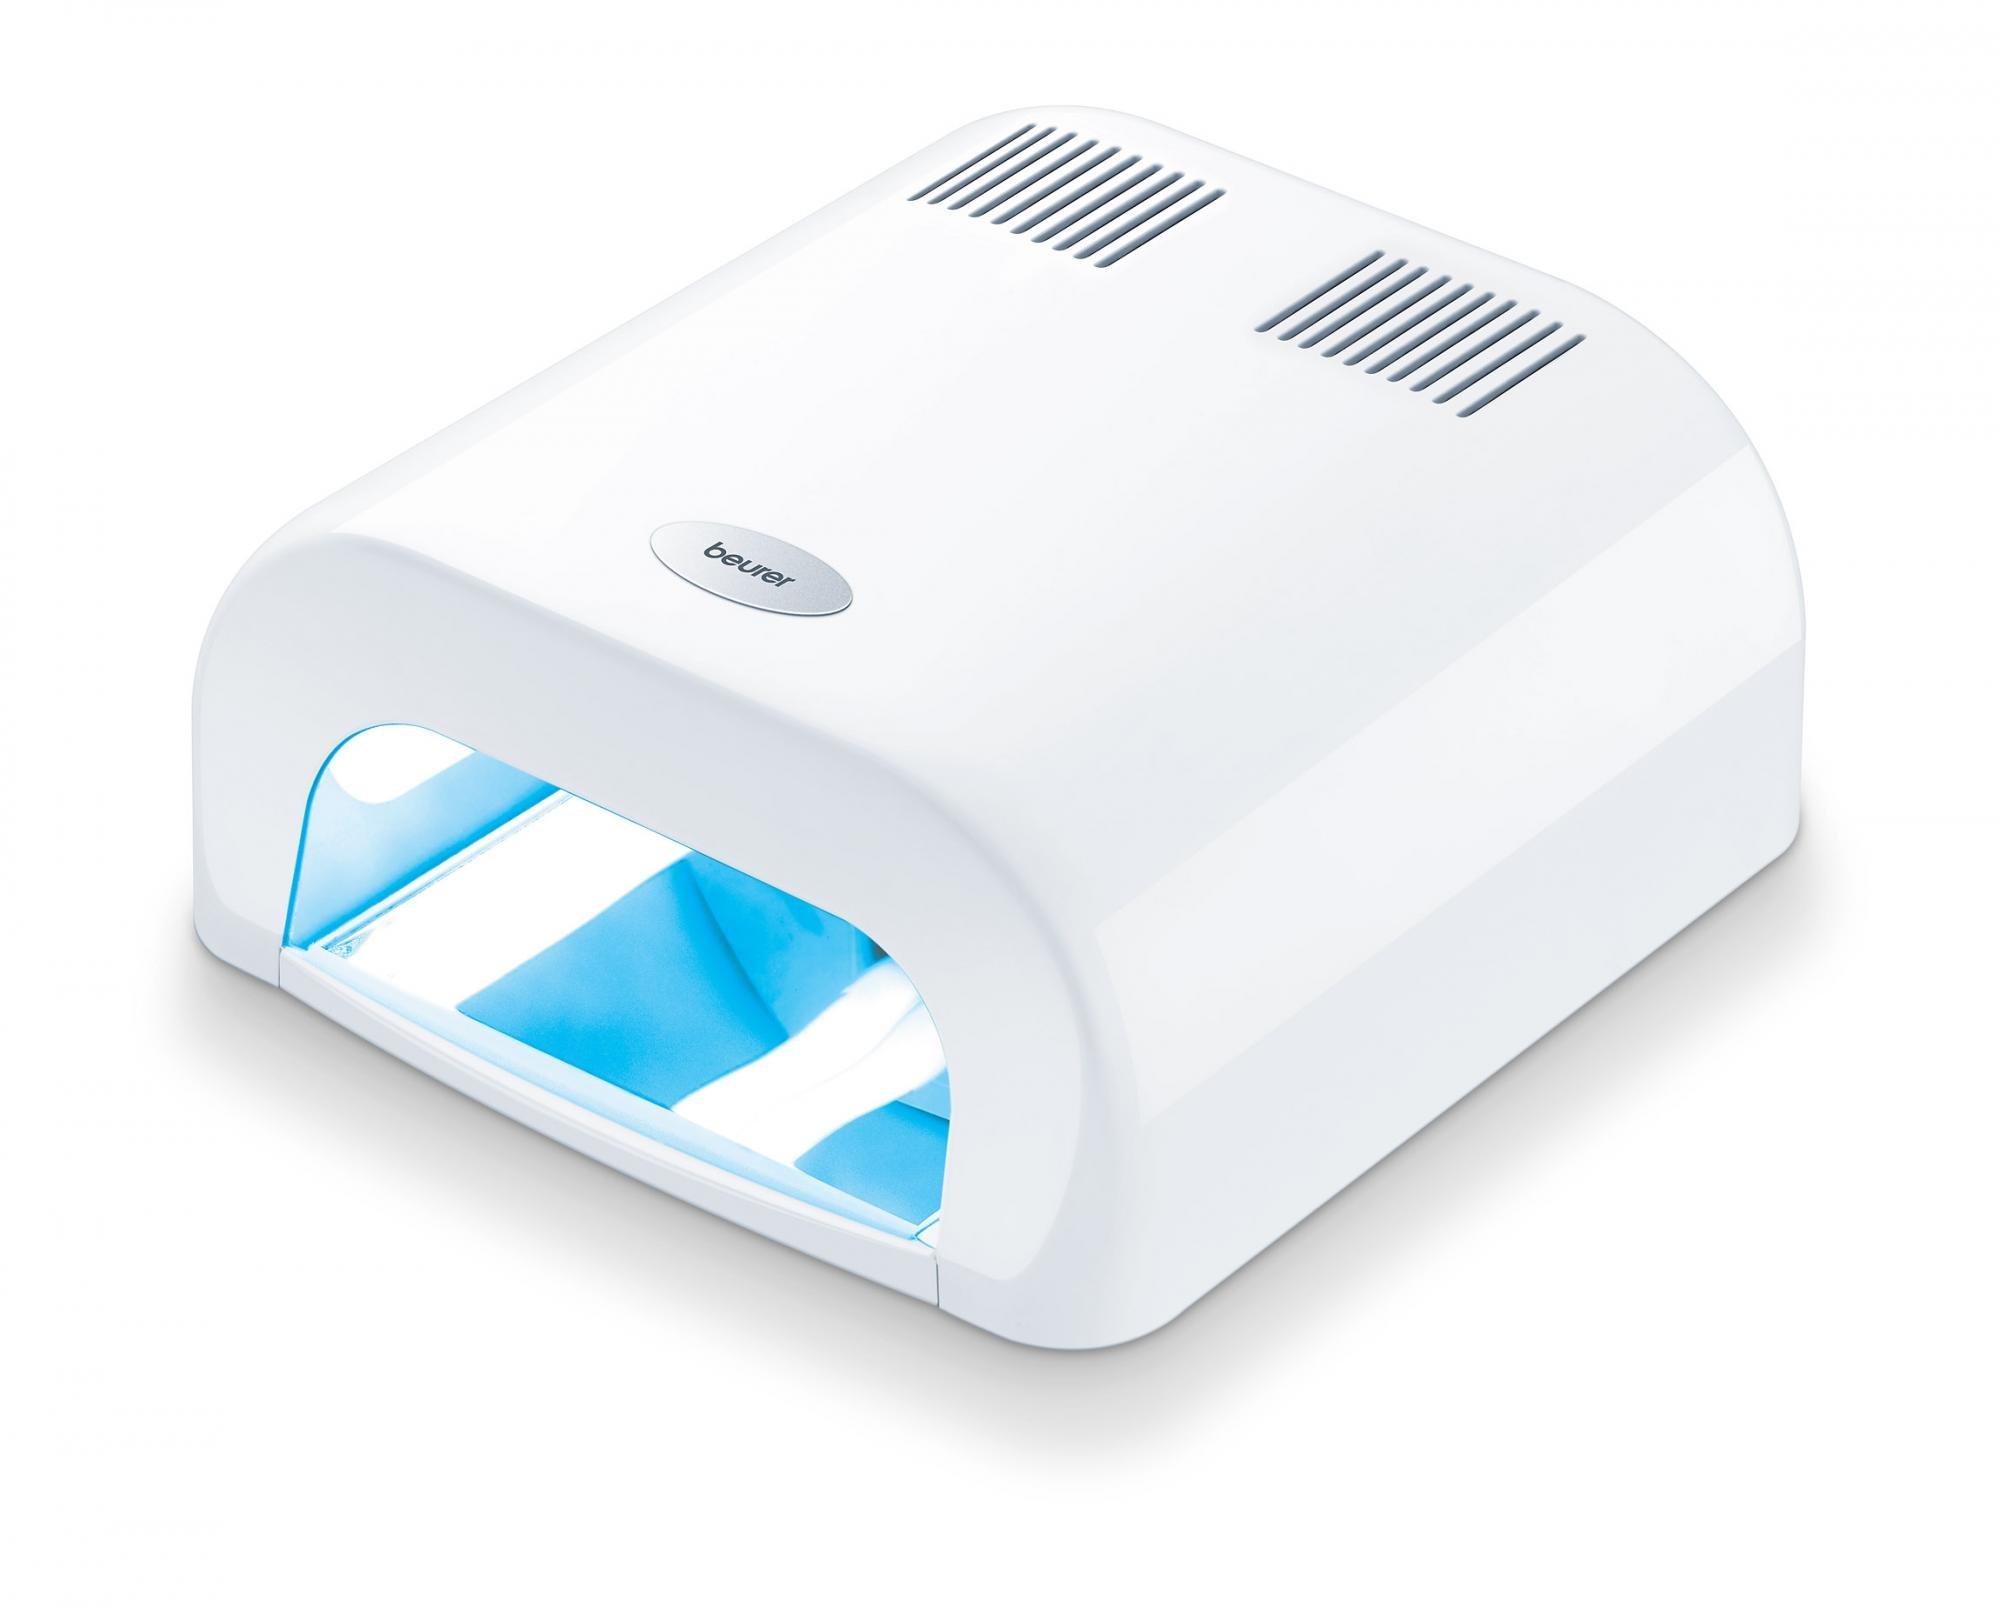 starší model MP 38 má tvar tunelu. Je bílý, uvnitř má zrcadla a svítí světla. Nahoře jsou ventilátory.